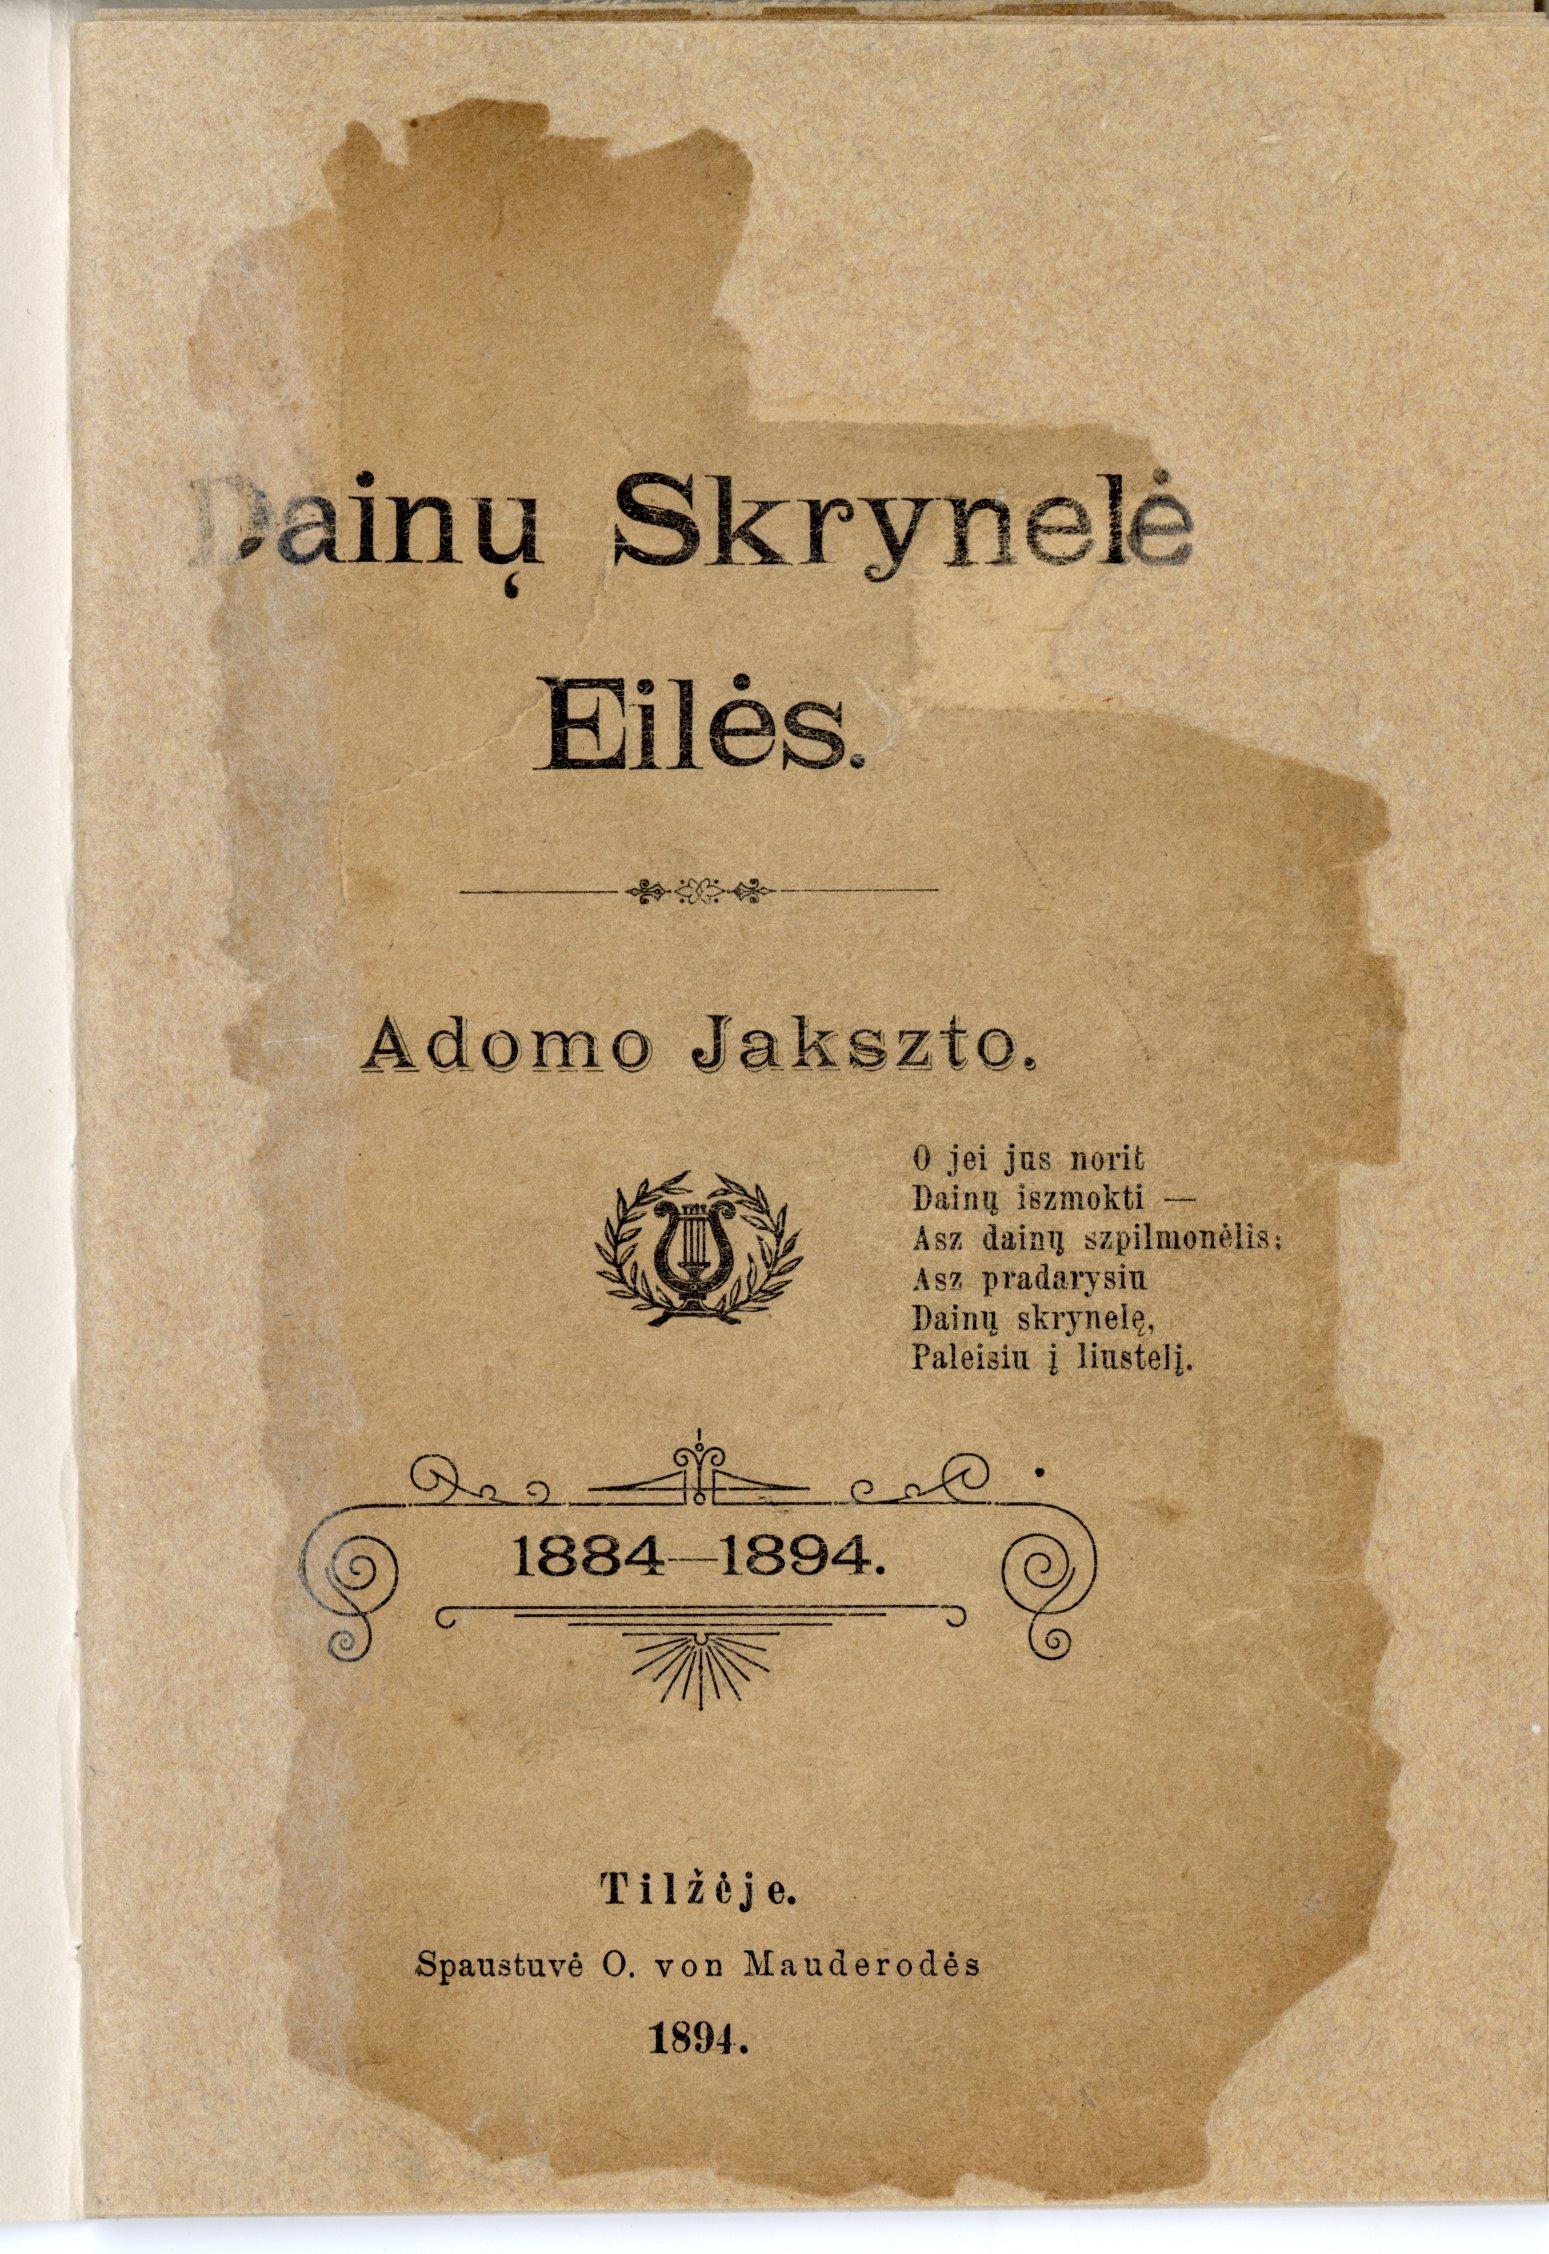 Pirmoji A. Jakšto-Dambrausko poezijos knyga. Dainų skrynelė. 1894 m.